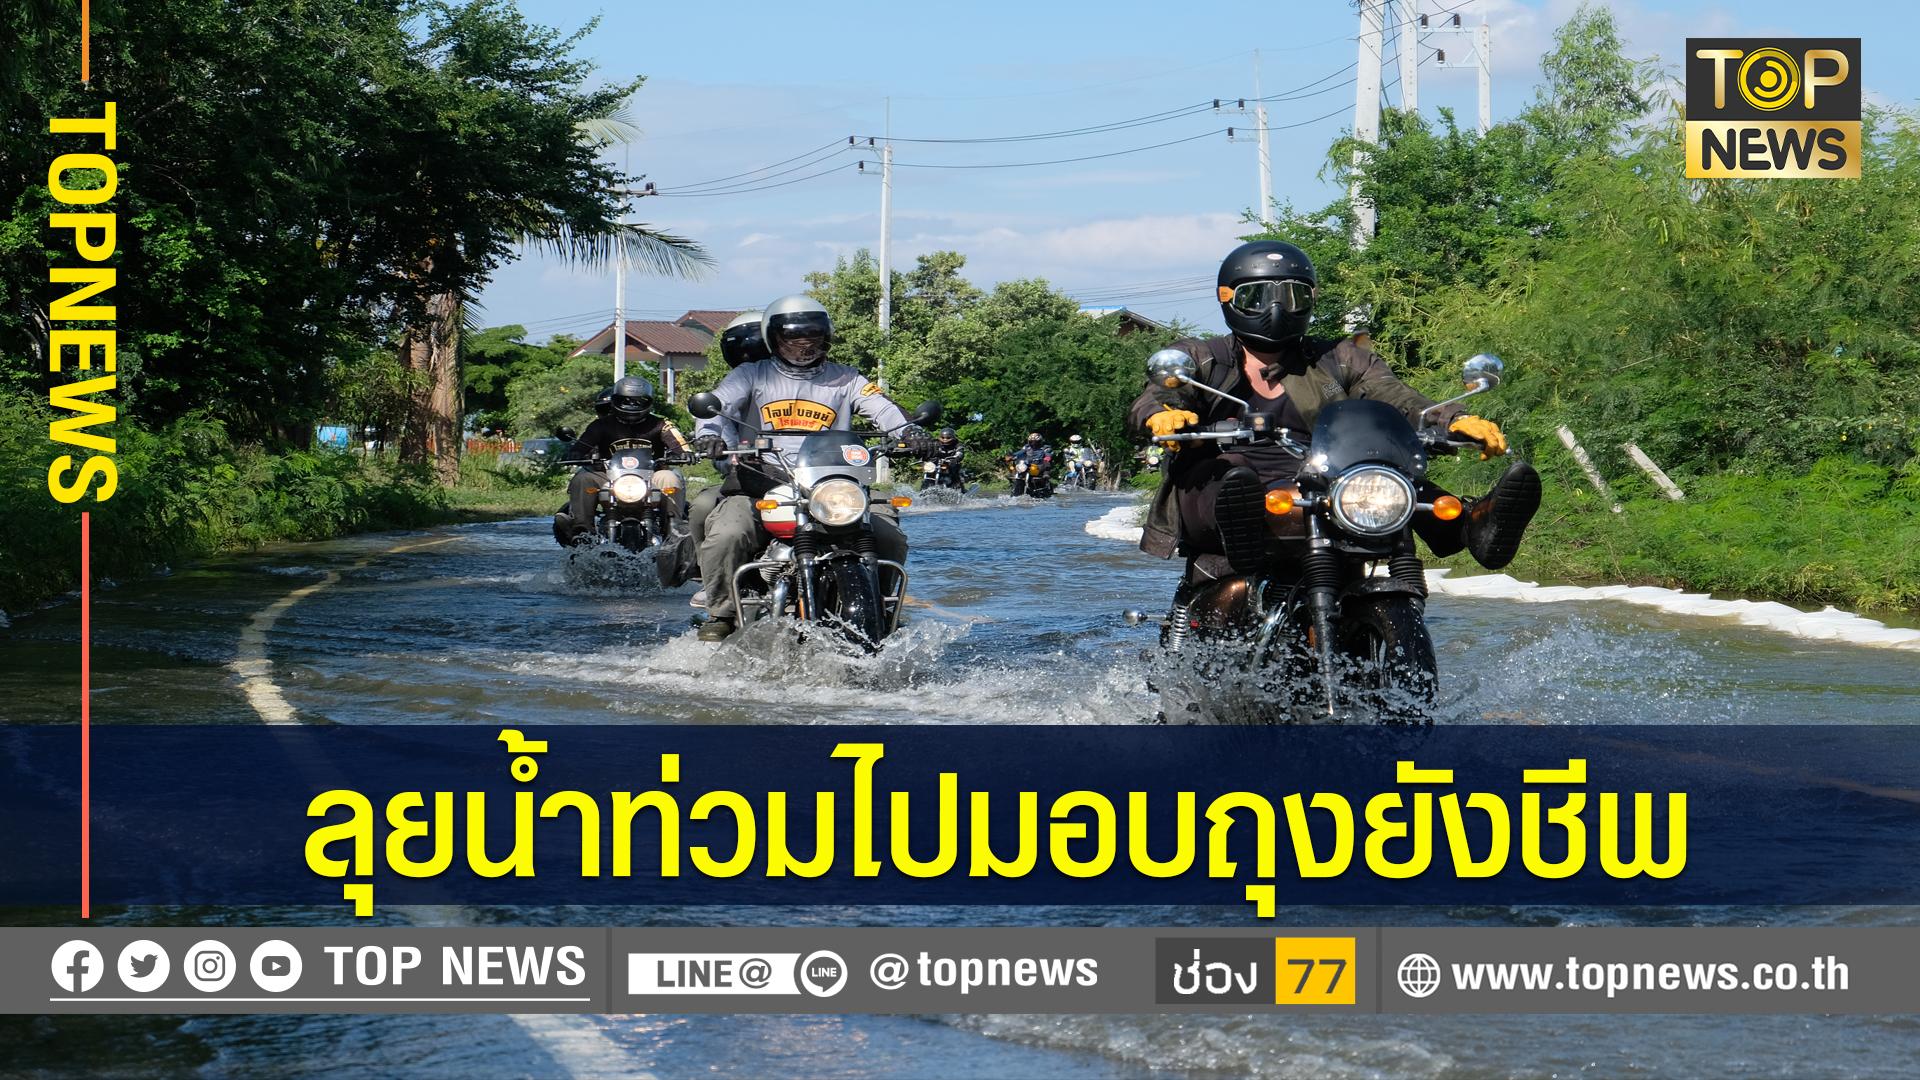 """"""" APM GROUP  ชวนทำความดี """" ลงเรือแจกถุงยังชีพผู้ประสบภัยน้ำท่วมเมืองกรุงเก่า"""